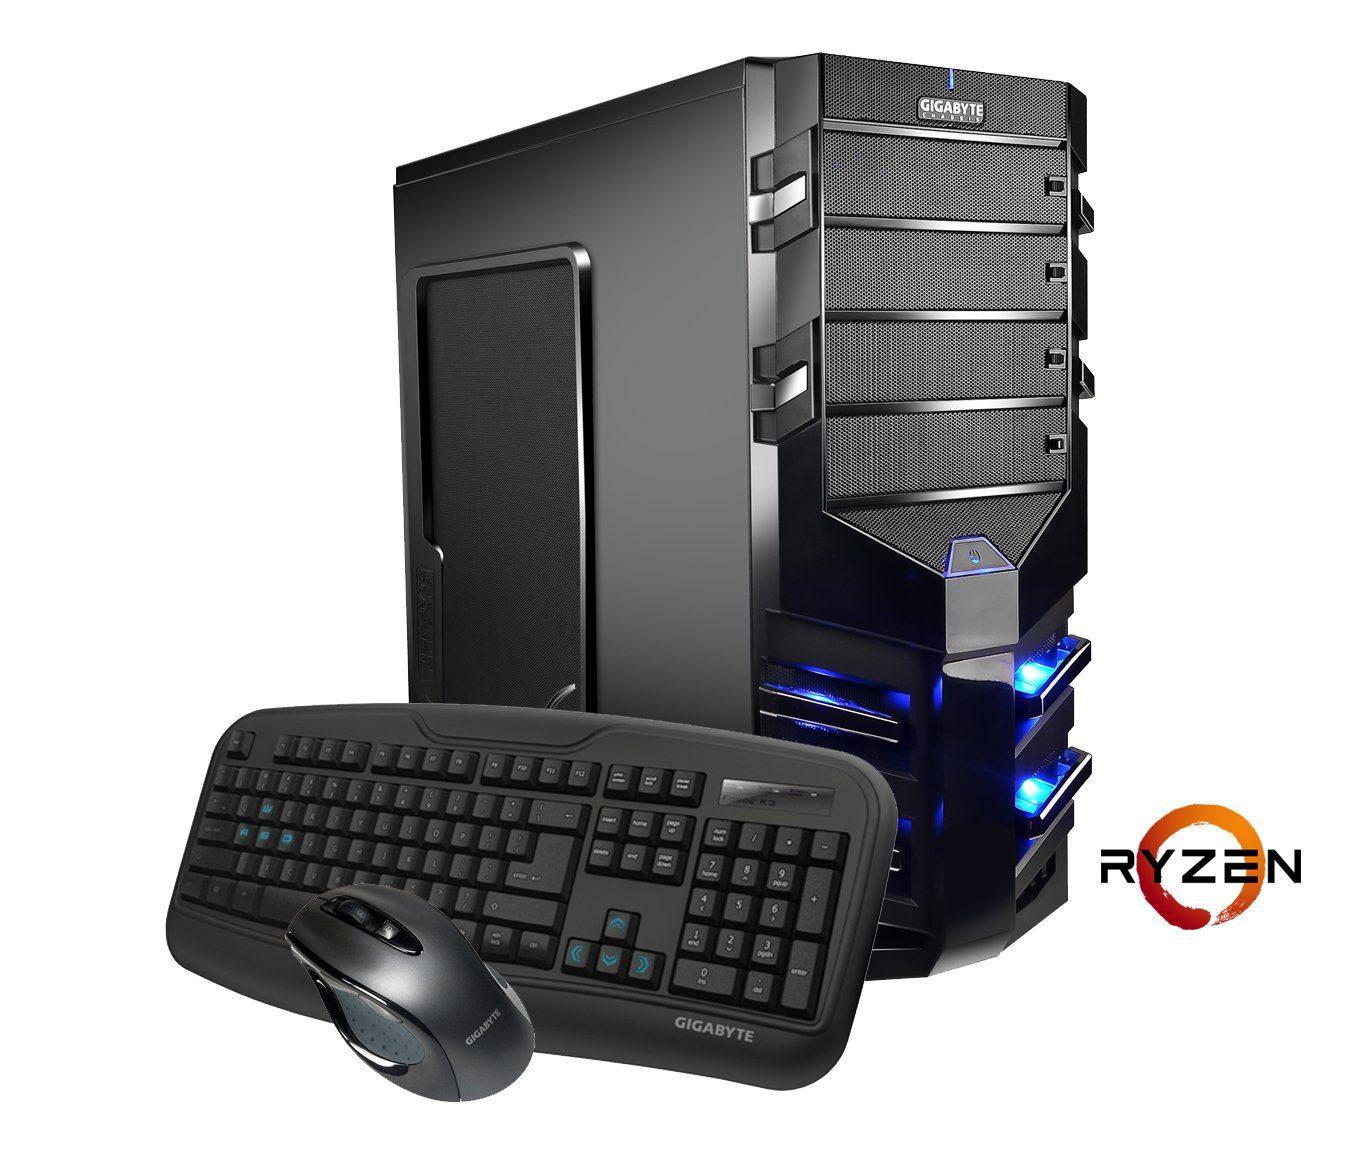 Hyrican AMD Ryzen™ 7 1800X, 16GB, SSD + HDD, GeForce® GTX 1080 »Alpha Gaming 5496«